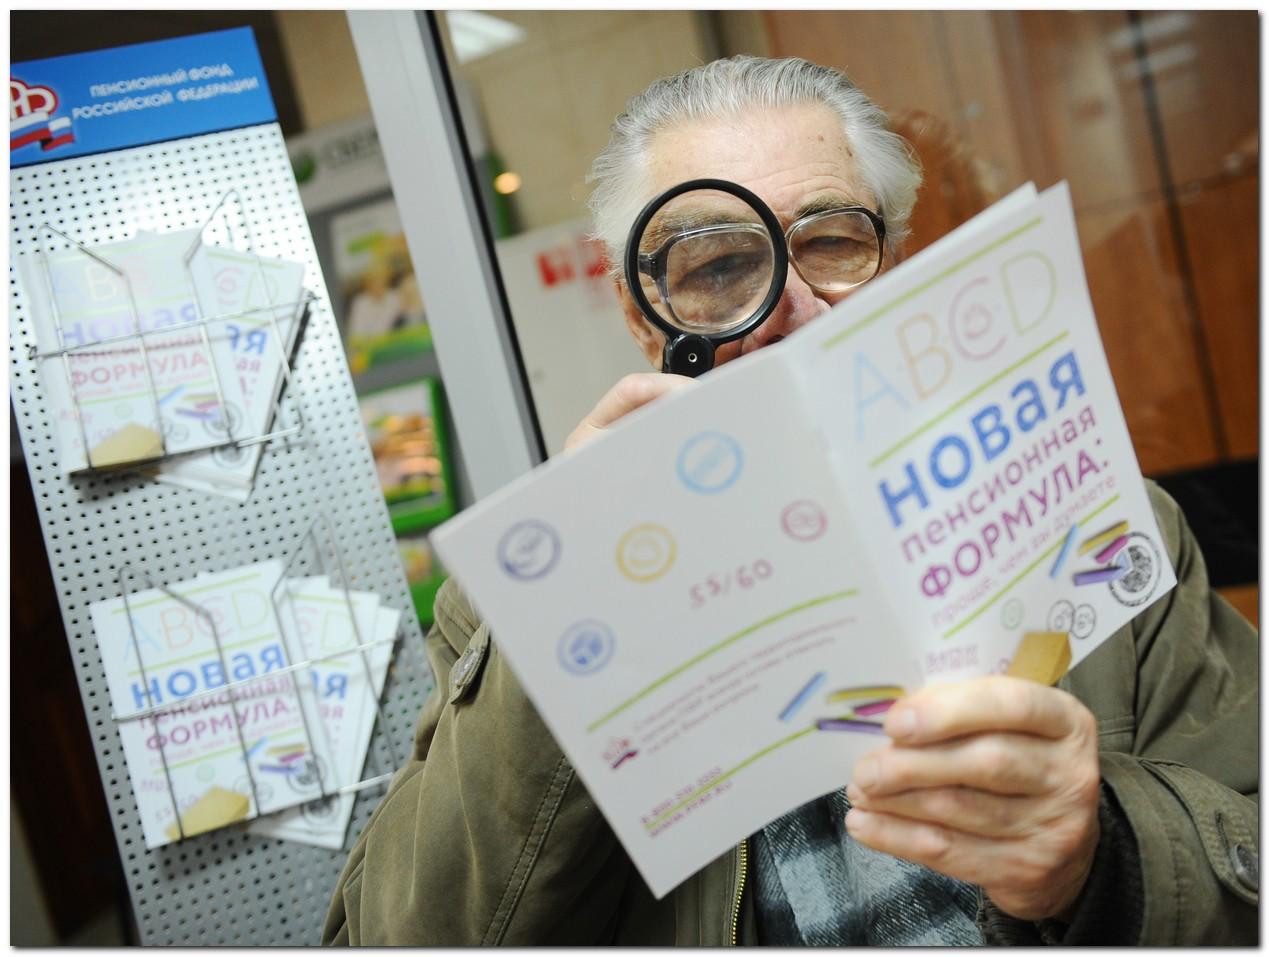 RYAZAN, RUSSIA. FEBRUARY 2, 2015. An old man looks through a brochure at an office of Russia's Pension Fund in Ryazan. Alexander Ryumin/TASS Ðîññèÿ. Ðÿçàíü. 5 ôåâðàëÿ. Ïåíñèîíåð â îäíîì èç îòäåëåíèé Ïåíñèîííîãî ôîíäà Ðîññèè. Àëåêñàíäð Ðþìèí/ÒÀÑÑ